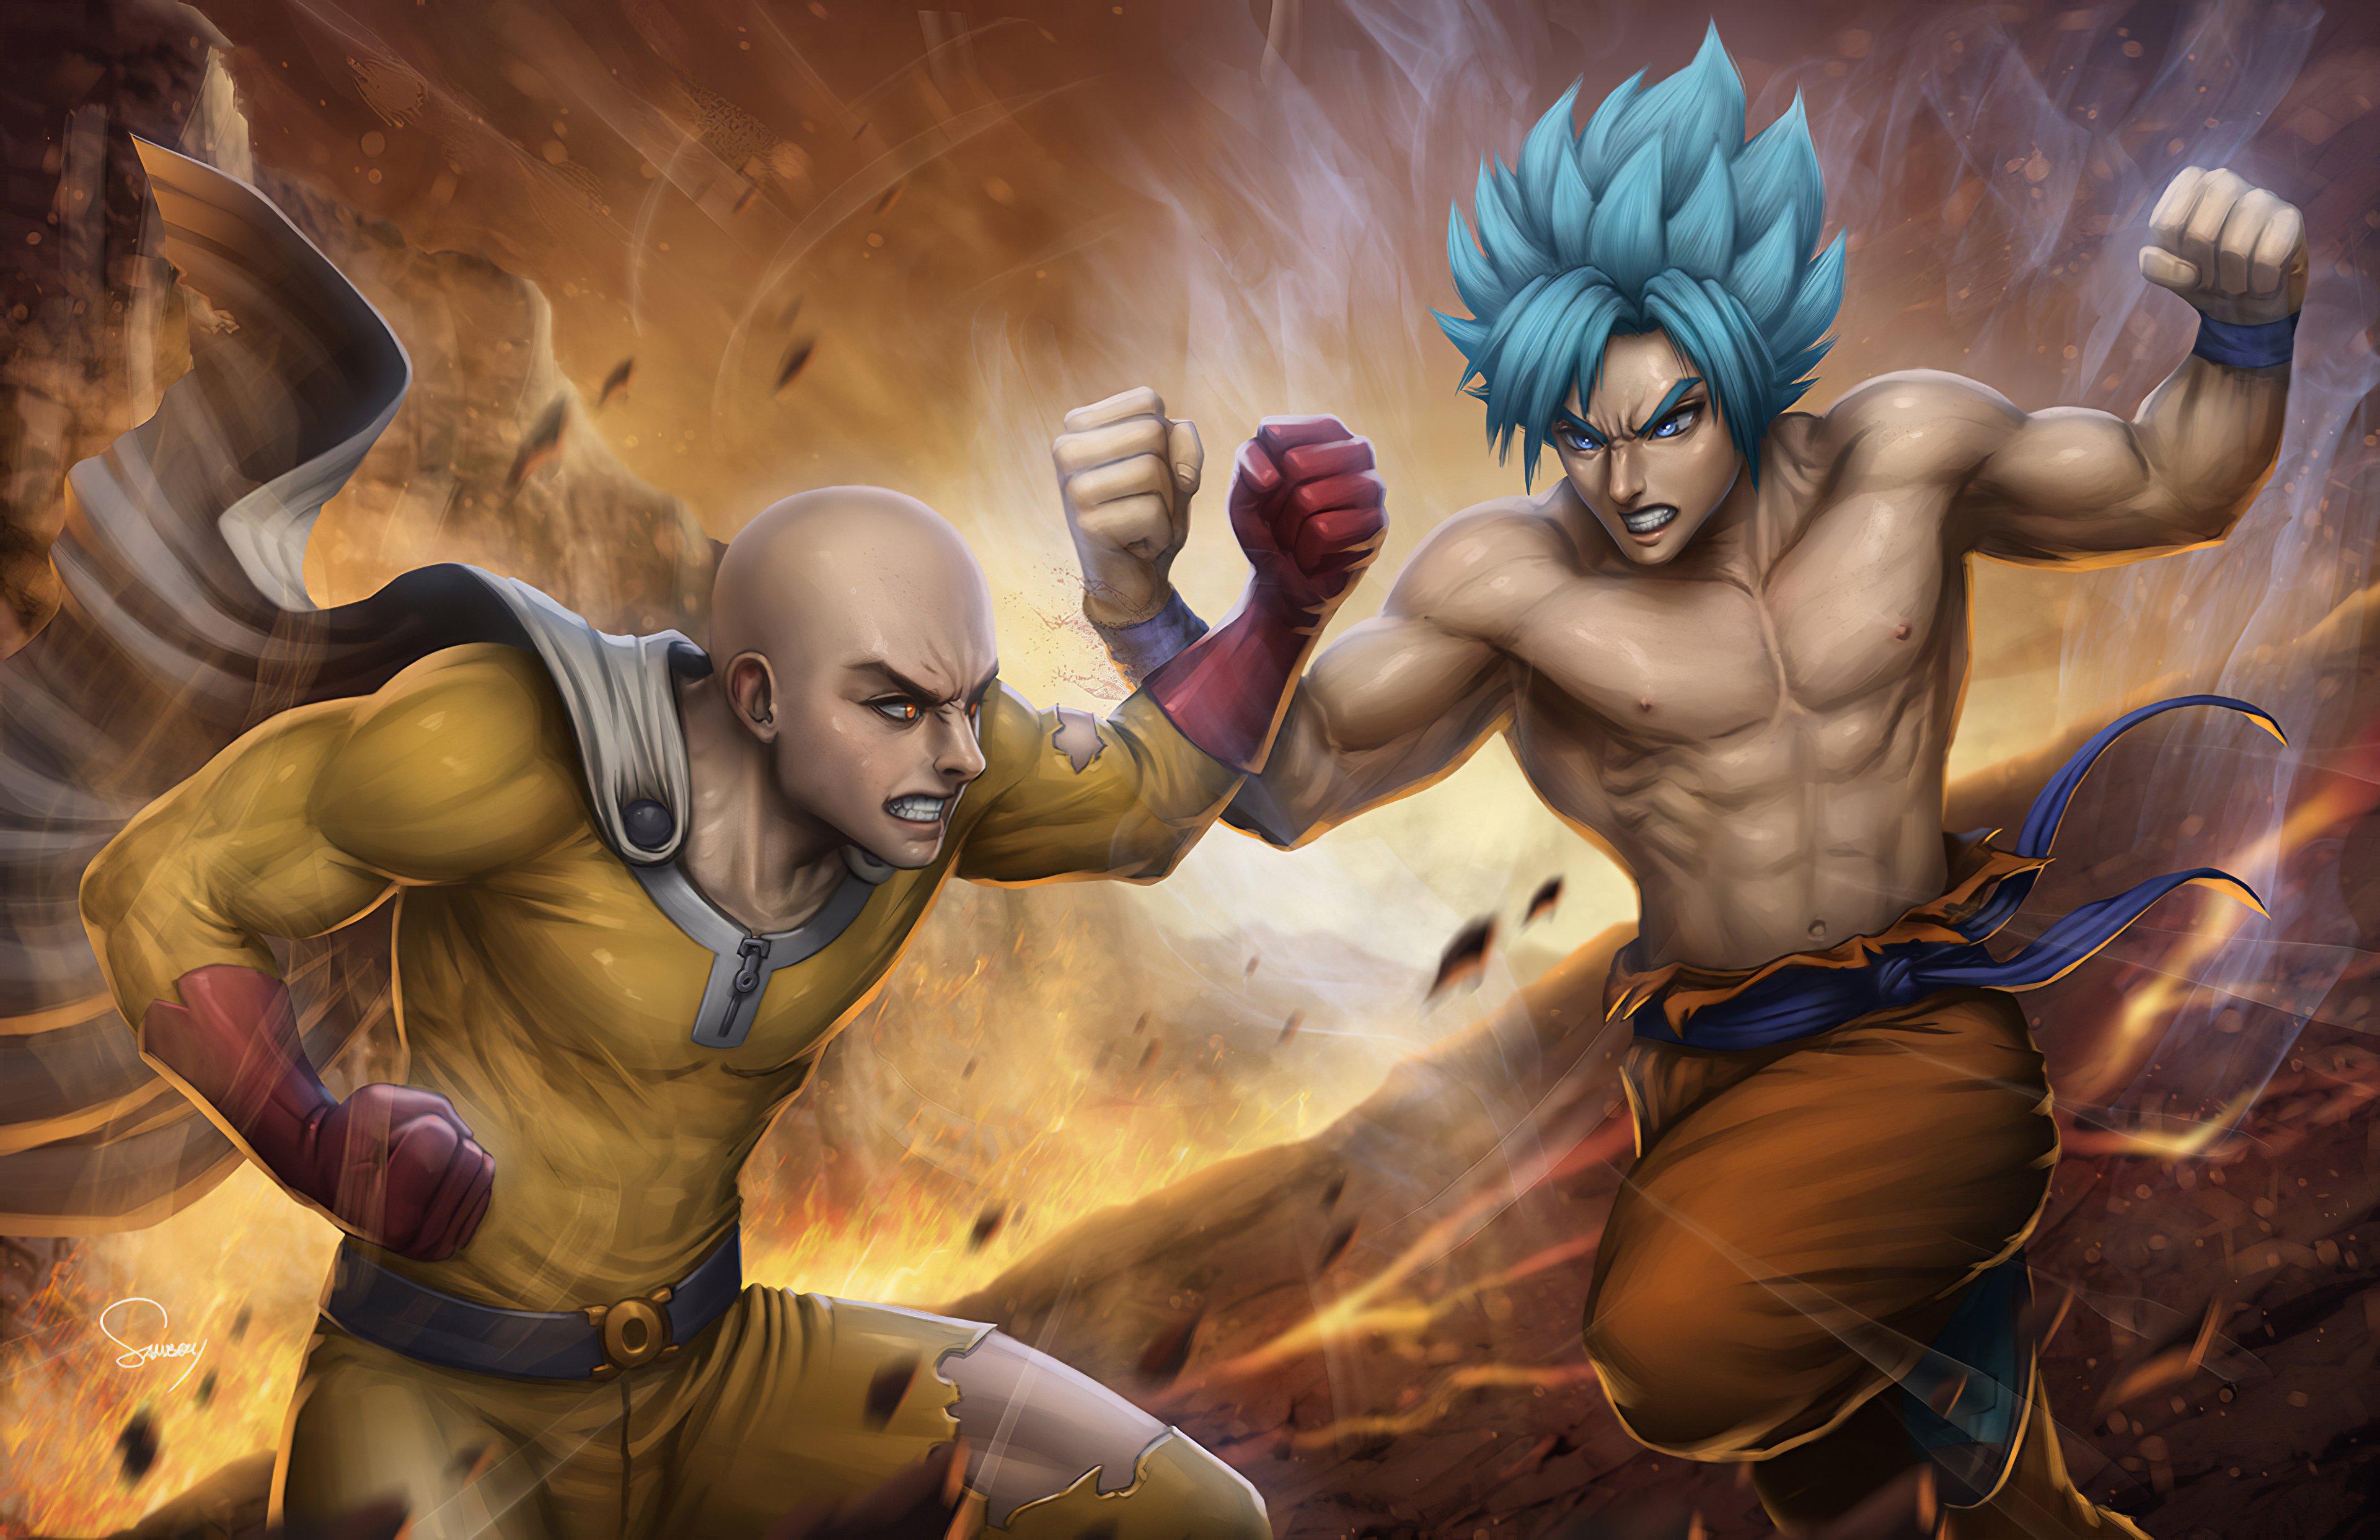 Fondos de pantalla Anime Saitama contra Goku